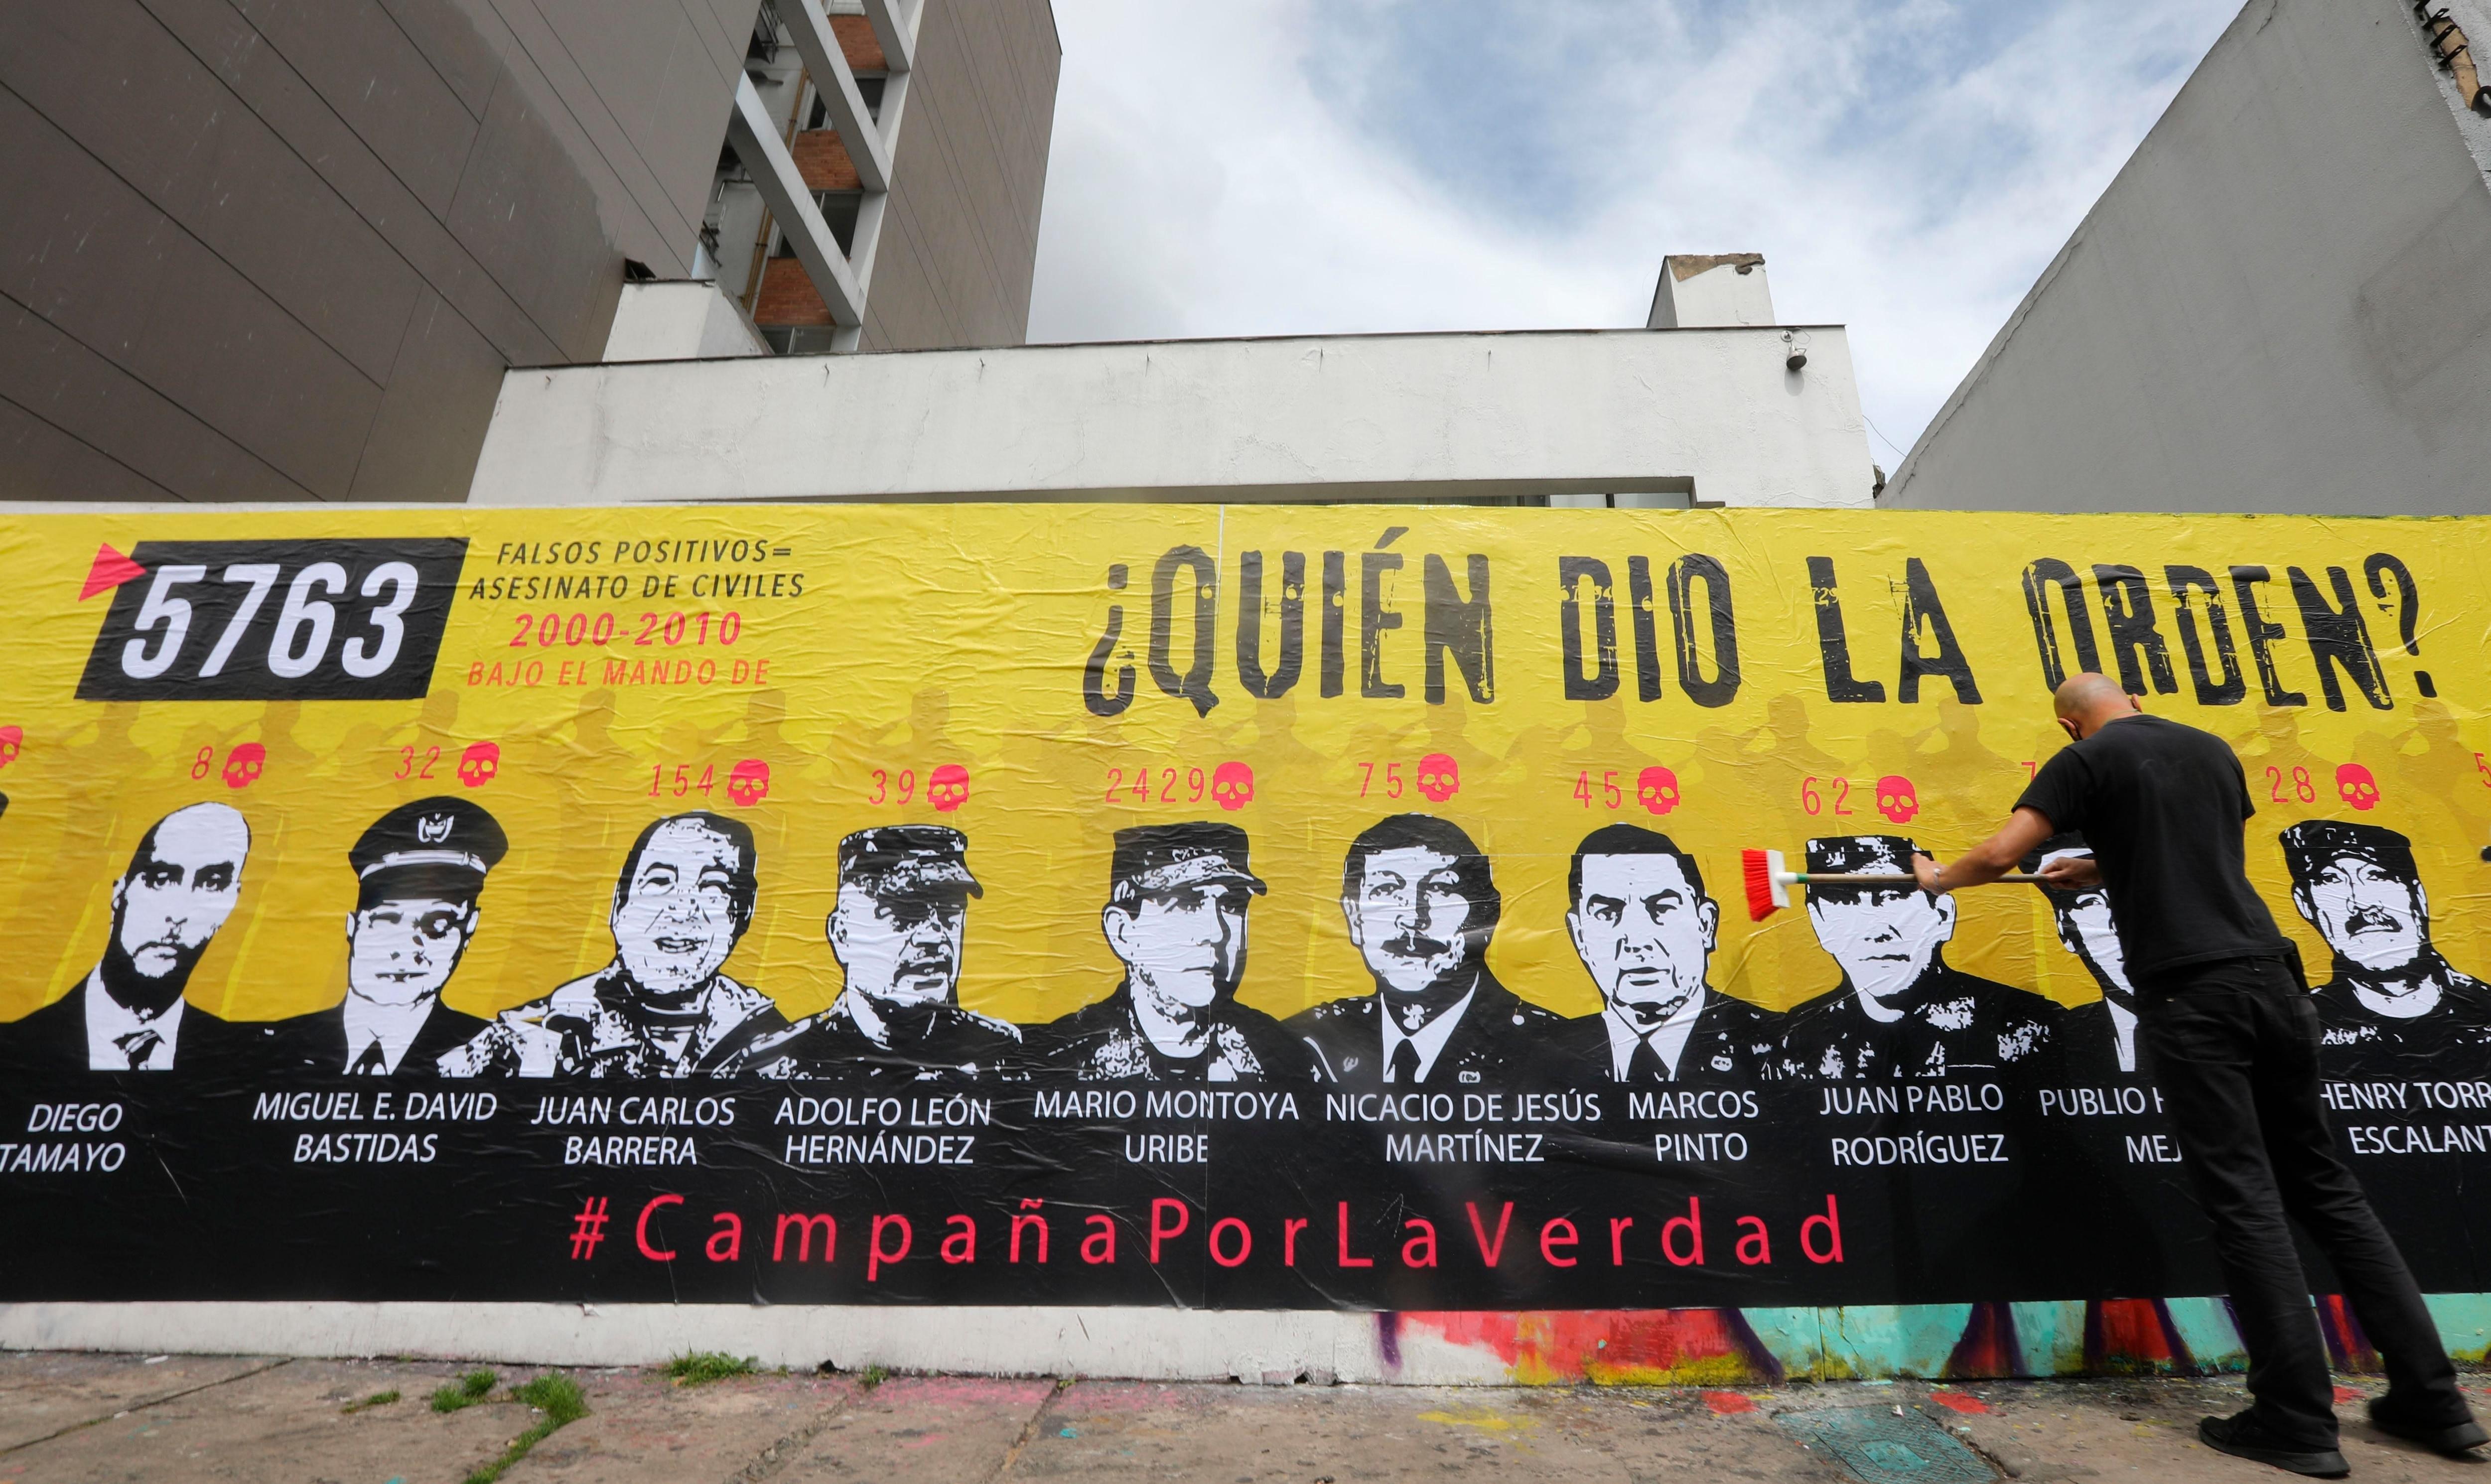 Un hombre participa hoy en la elaboración de un mural sobre los falsos positivos, en Bogotá (Colombia). EFE/ Carlos Ortega